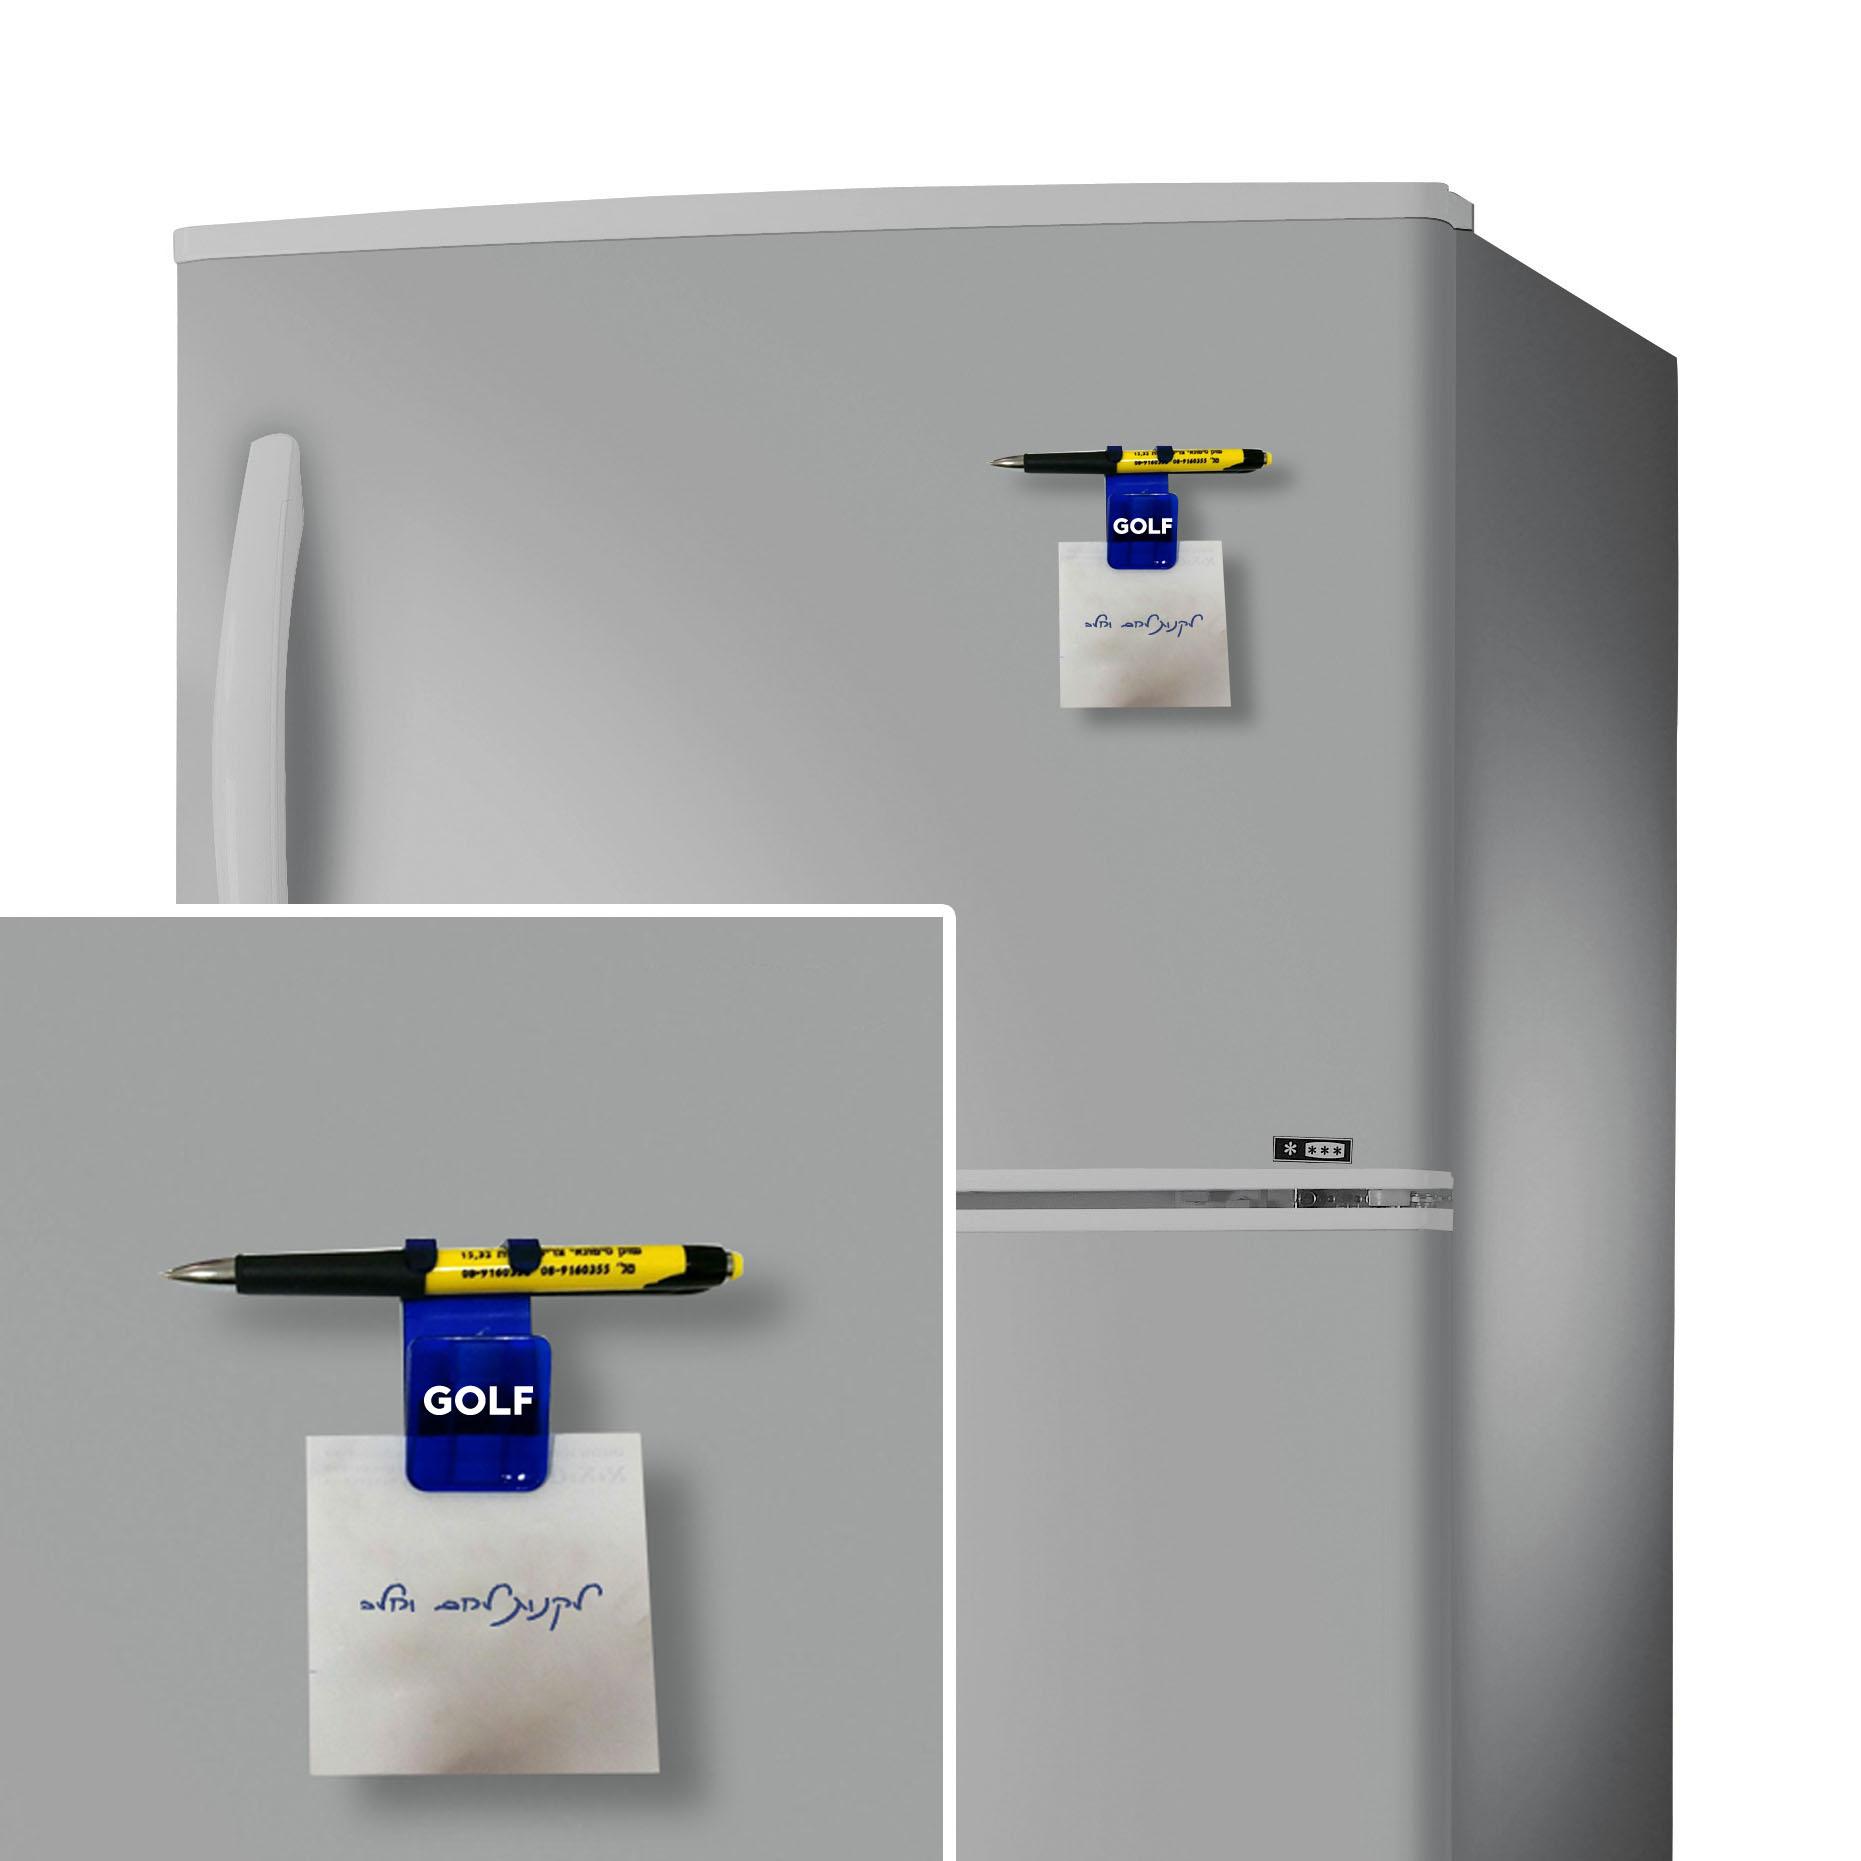 מתקן ממו מגנט למקרר